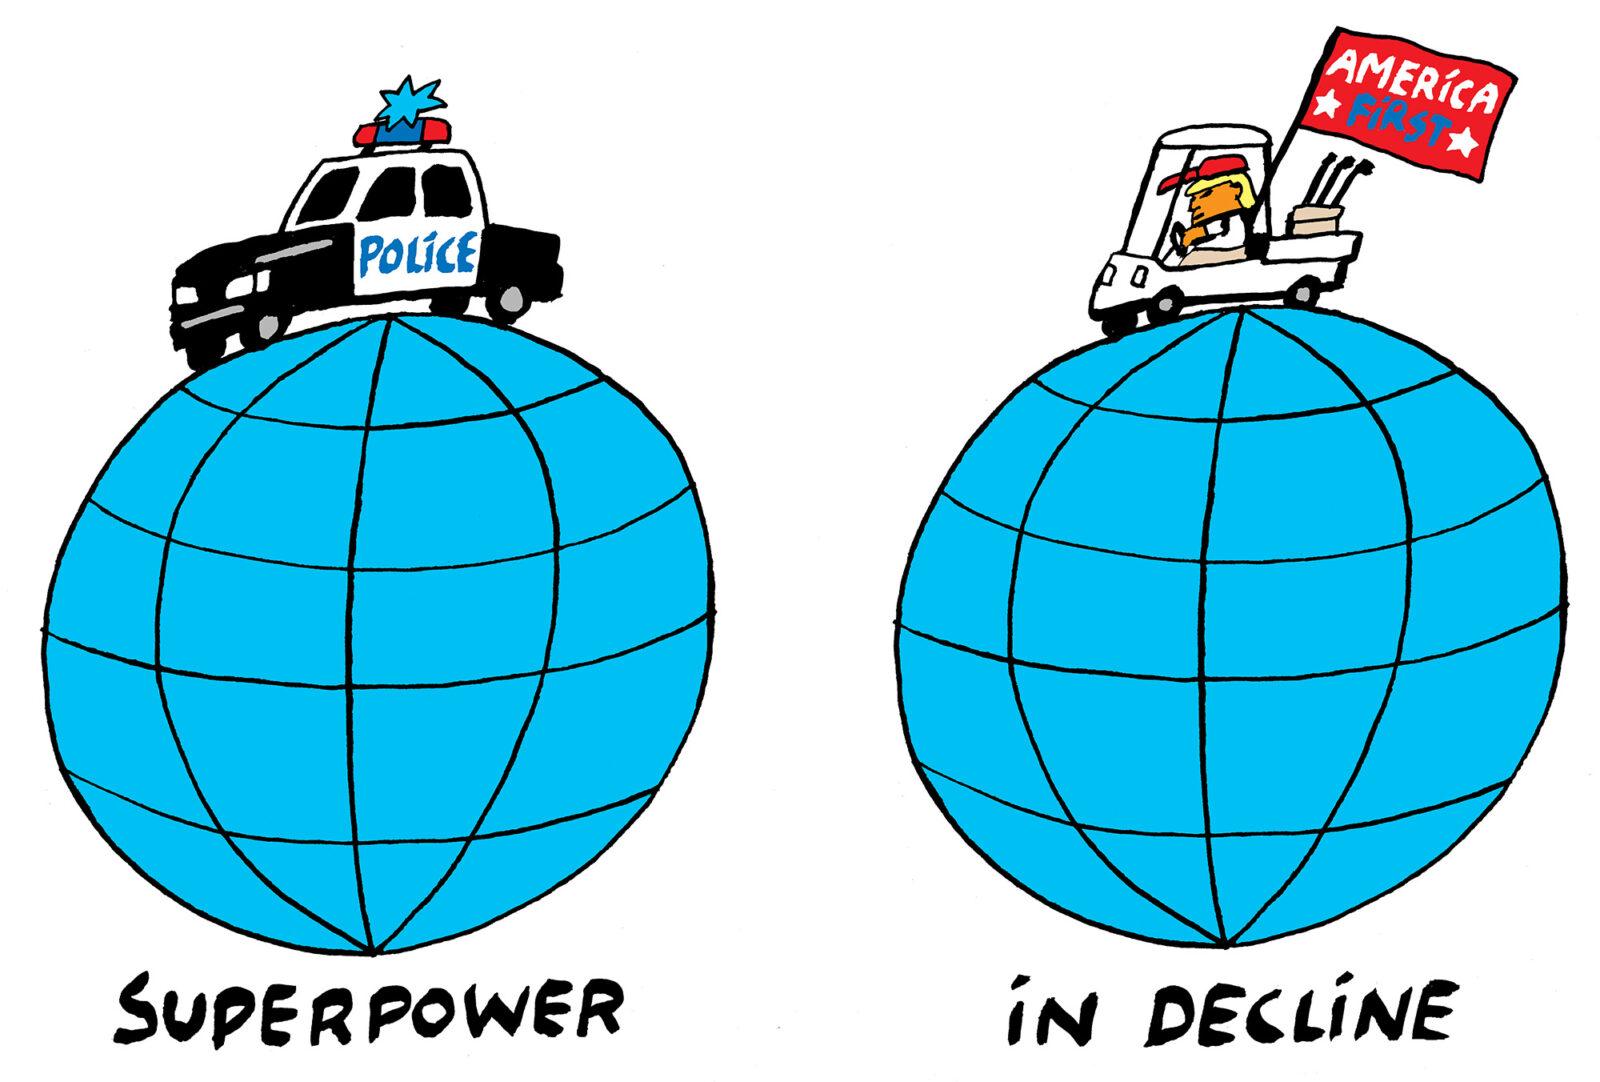 Kwestie politieman USA superpower in decline 2000 – Bas van der Schot